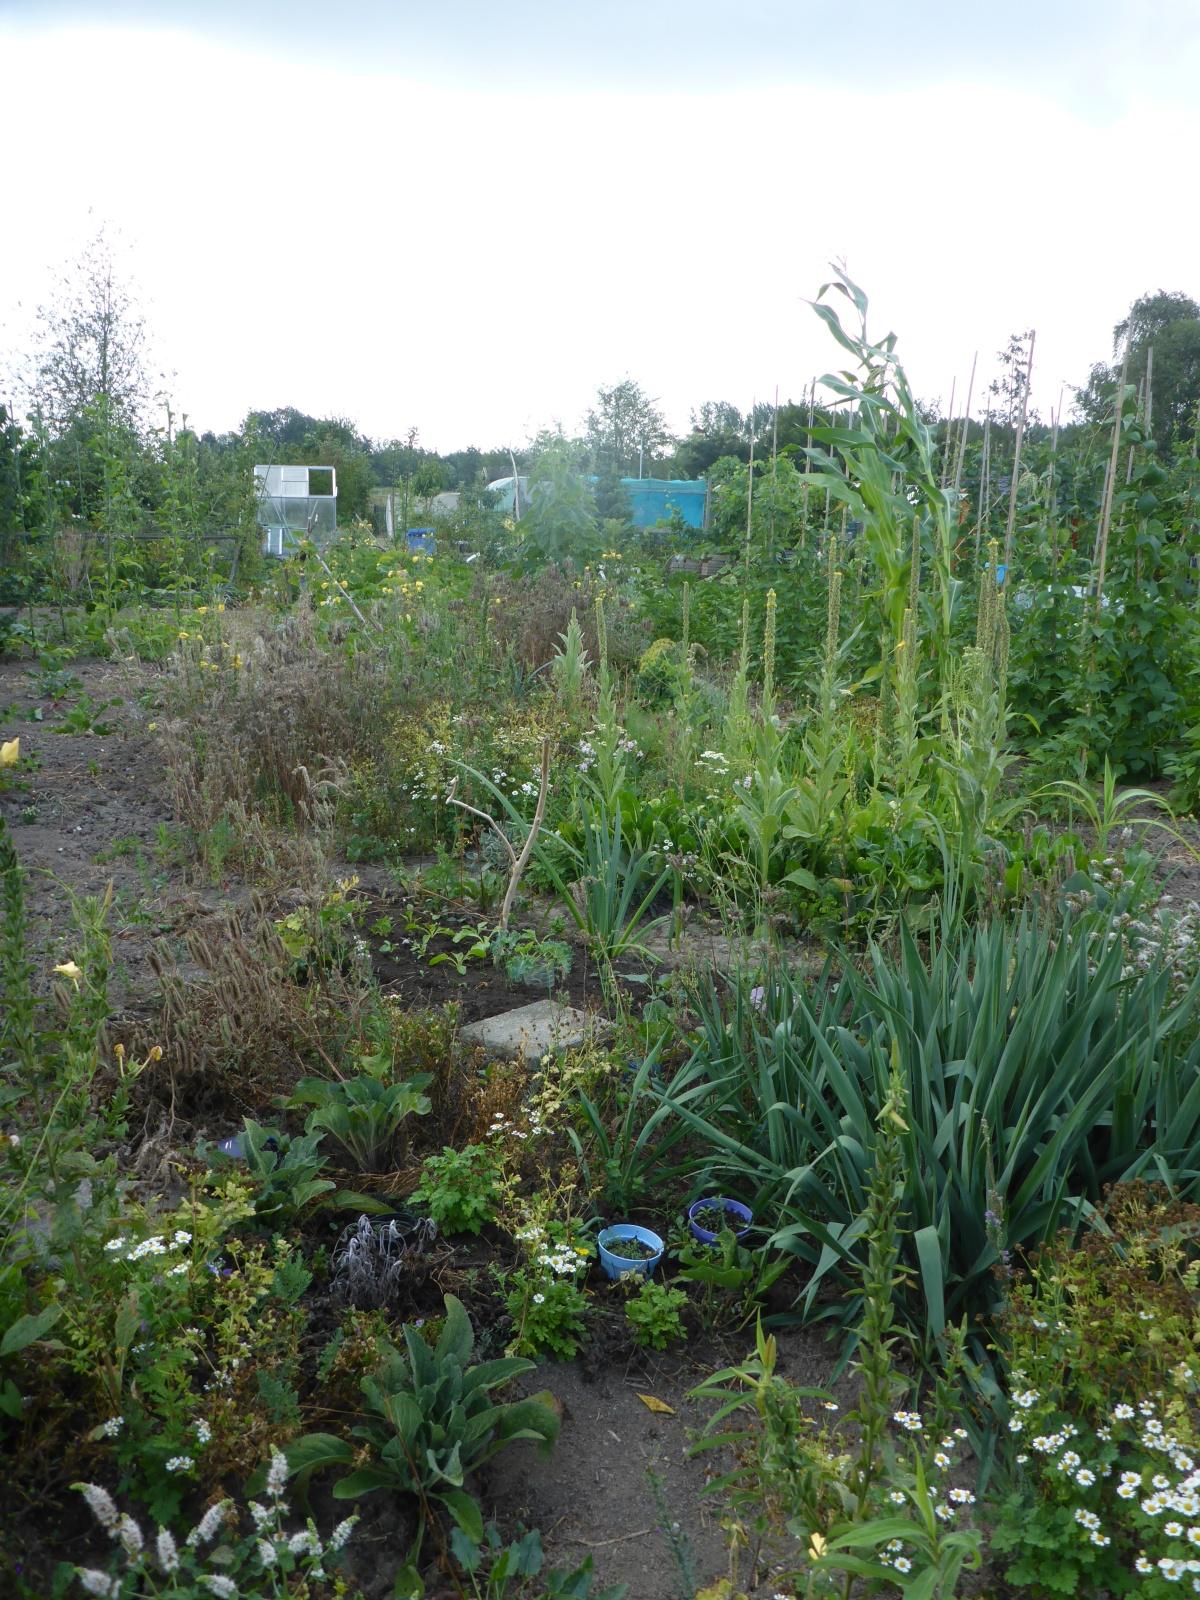 Roos Zwart rental garden